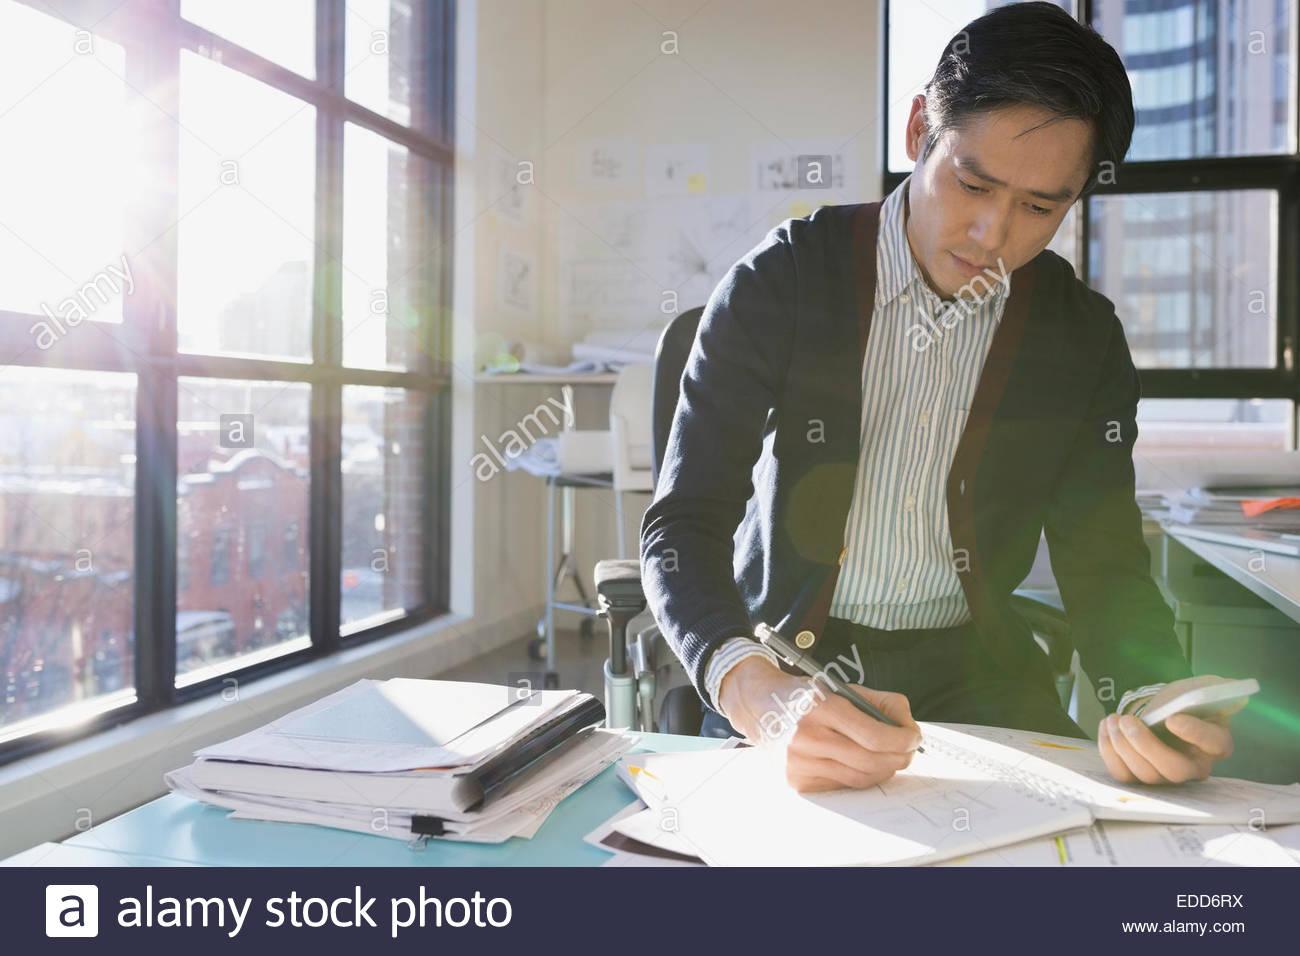 Elaboración de planes de arquitecto en la oficina de sol Imagen De Stock